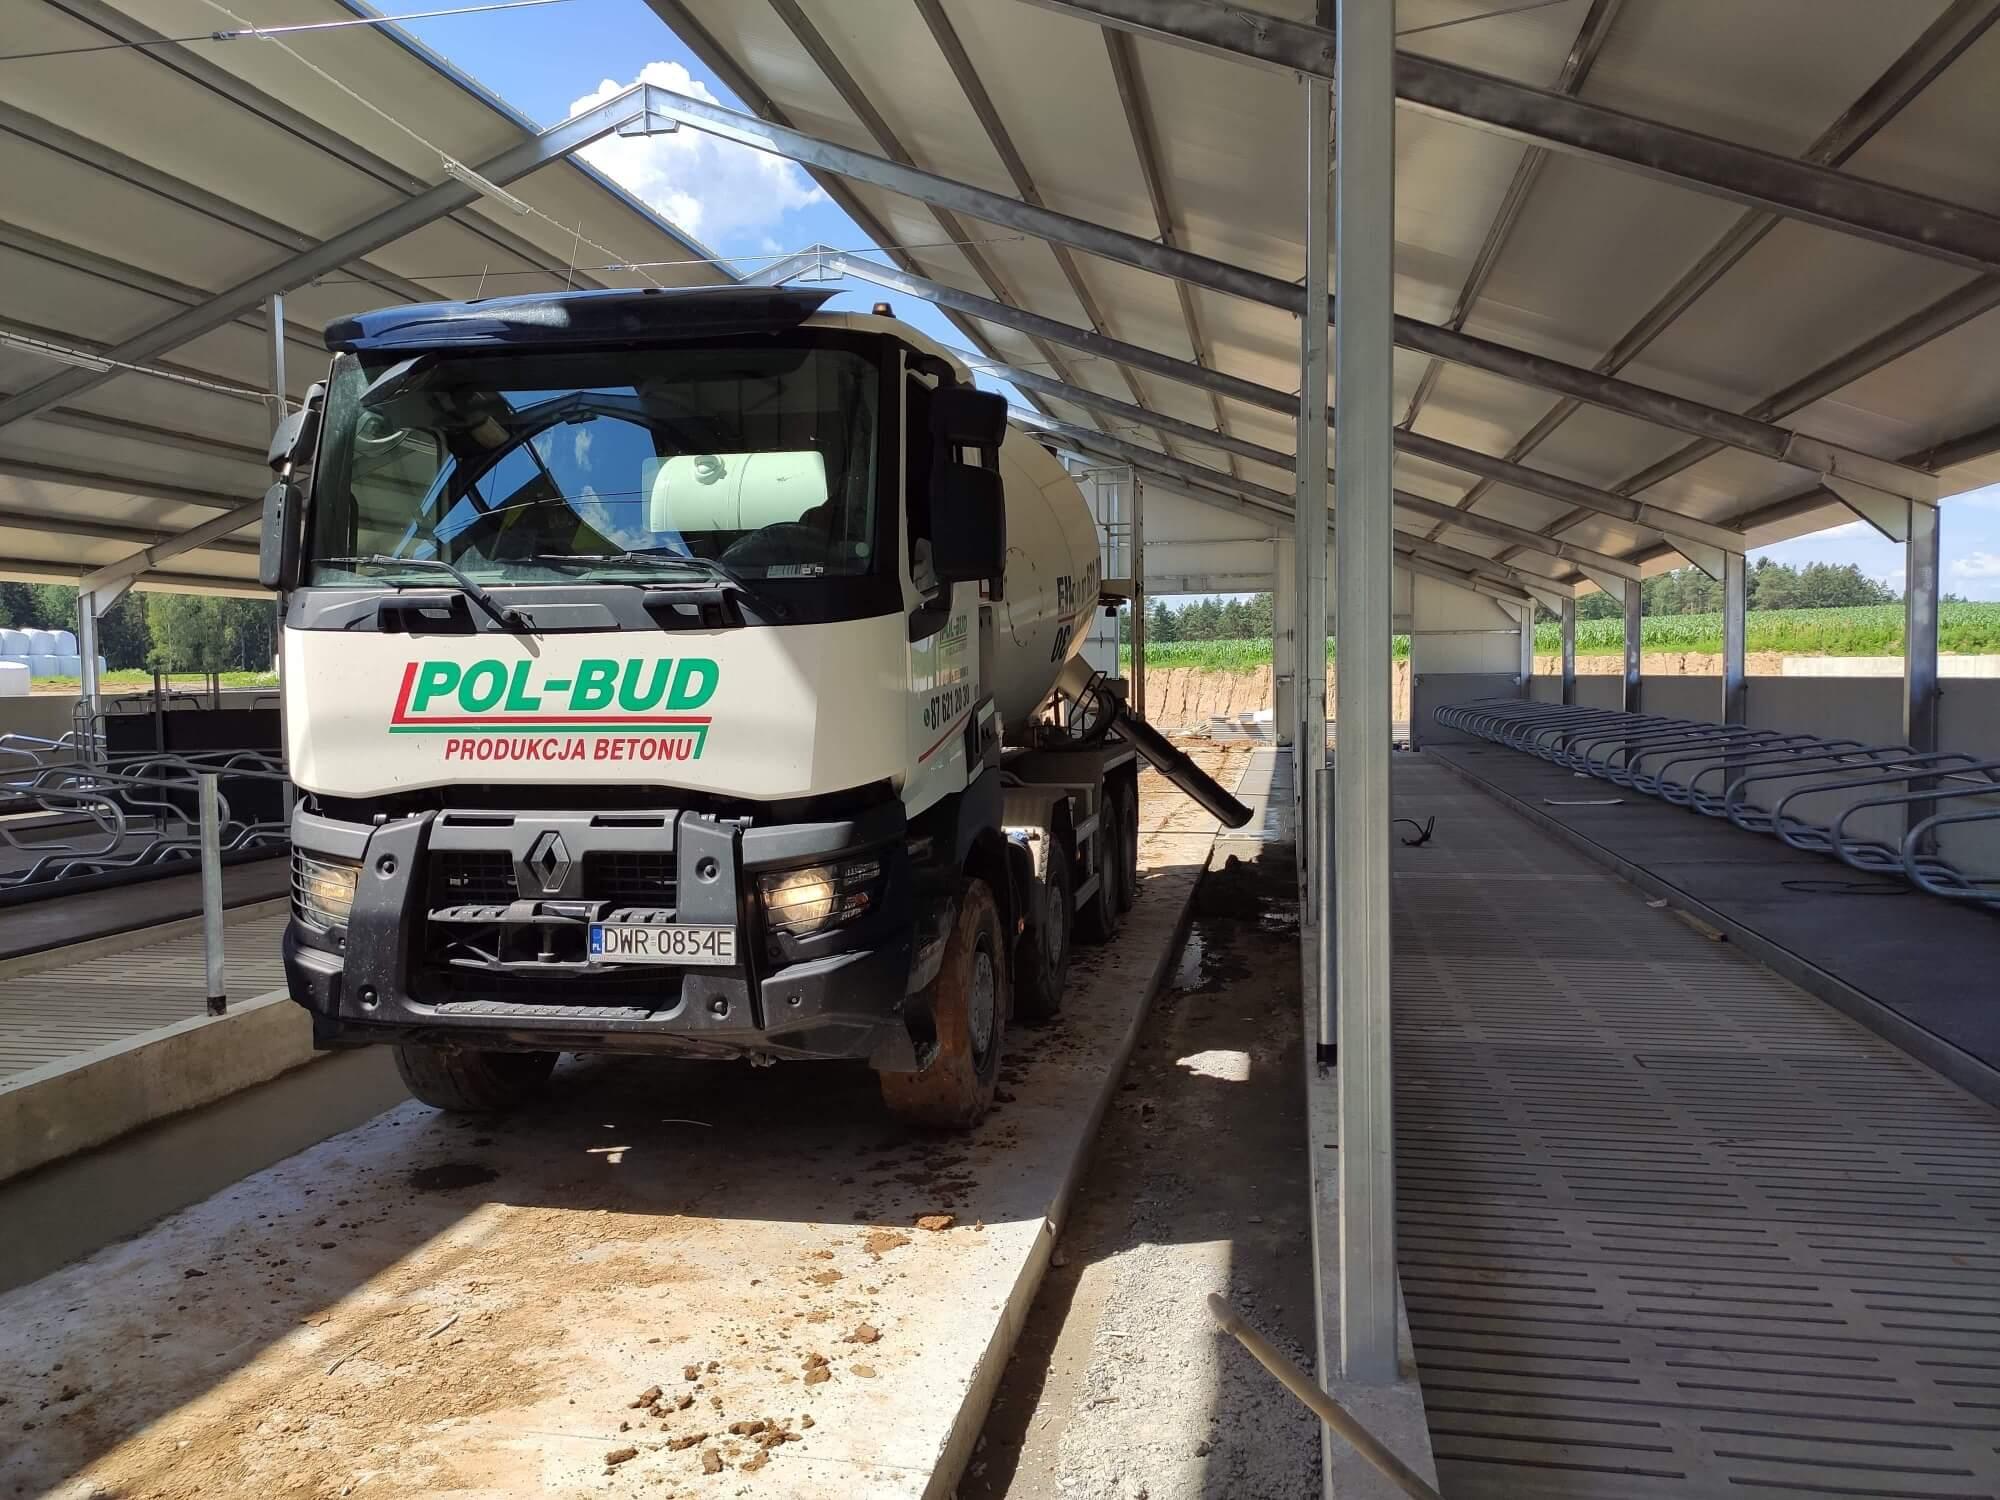 Pol-bud ełk - produkcja betonu - zdjęcia16